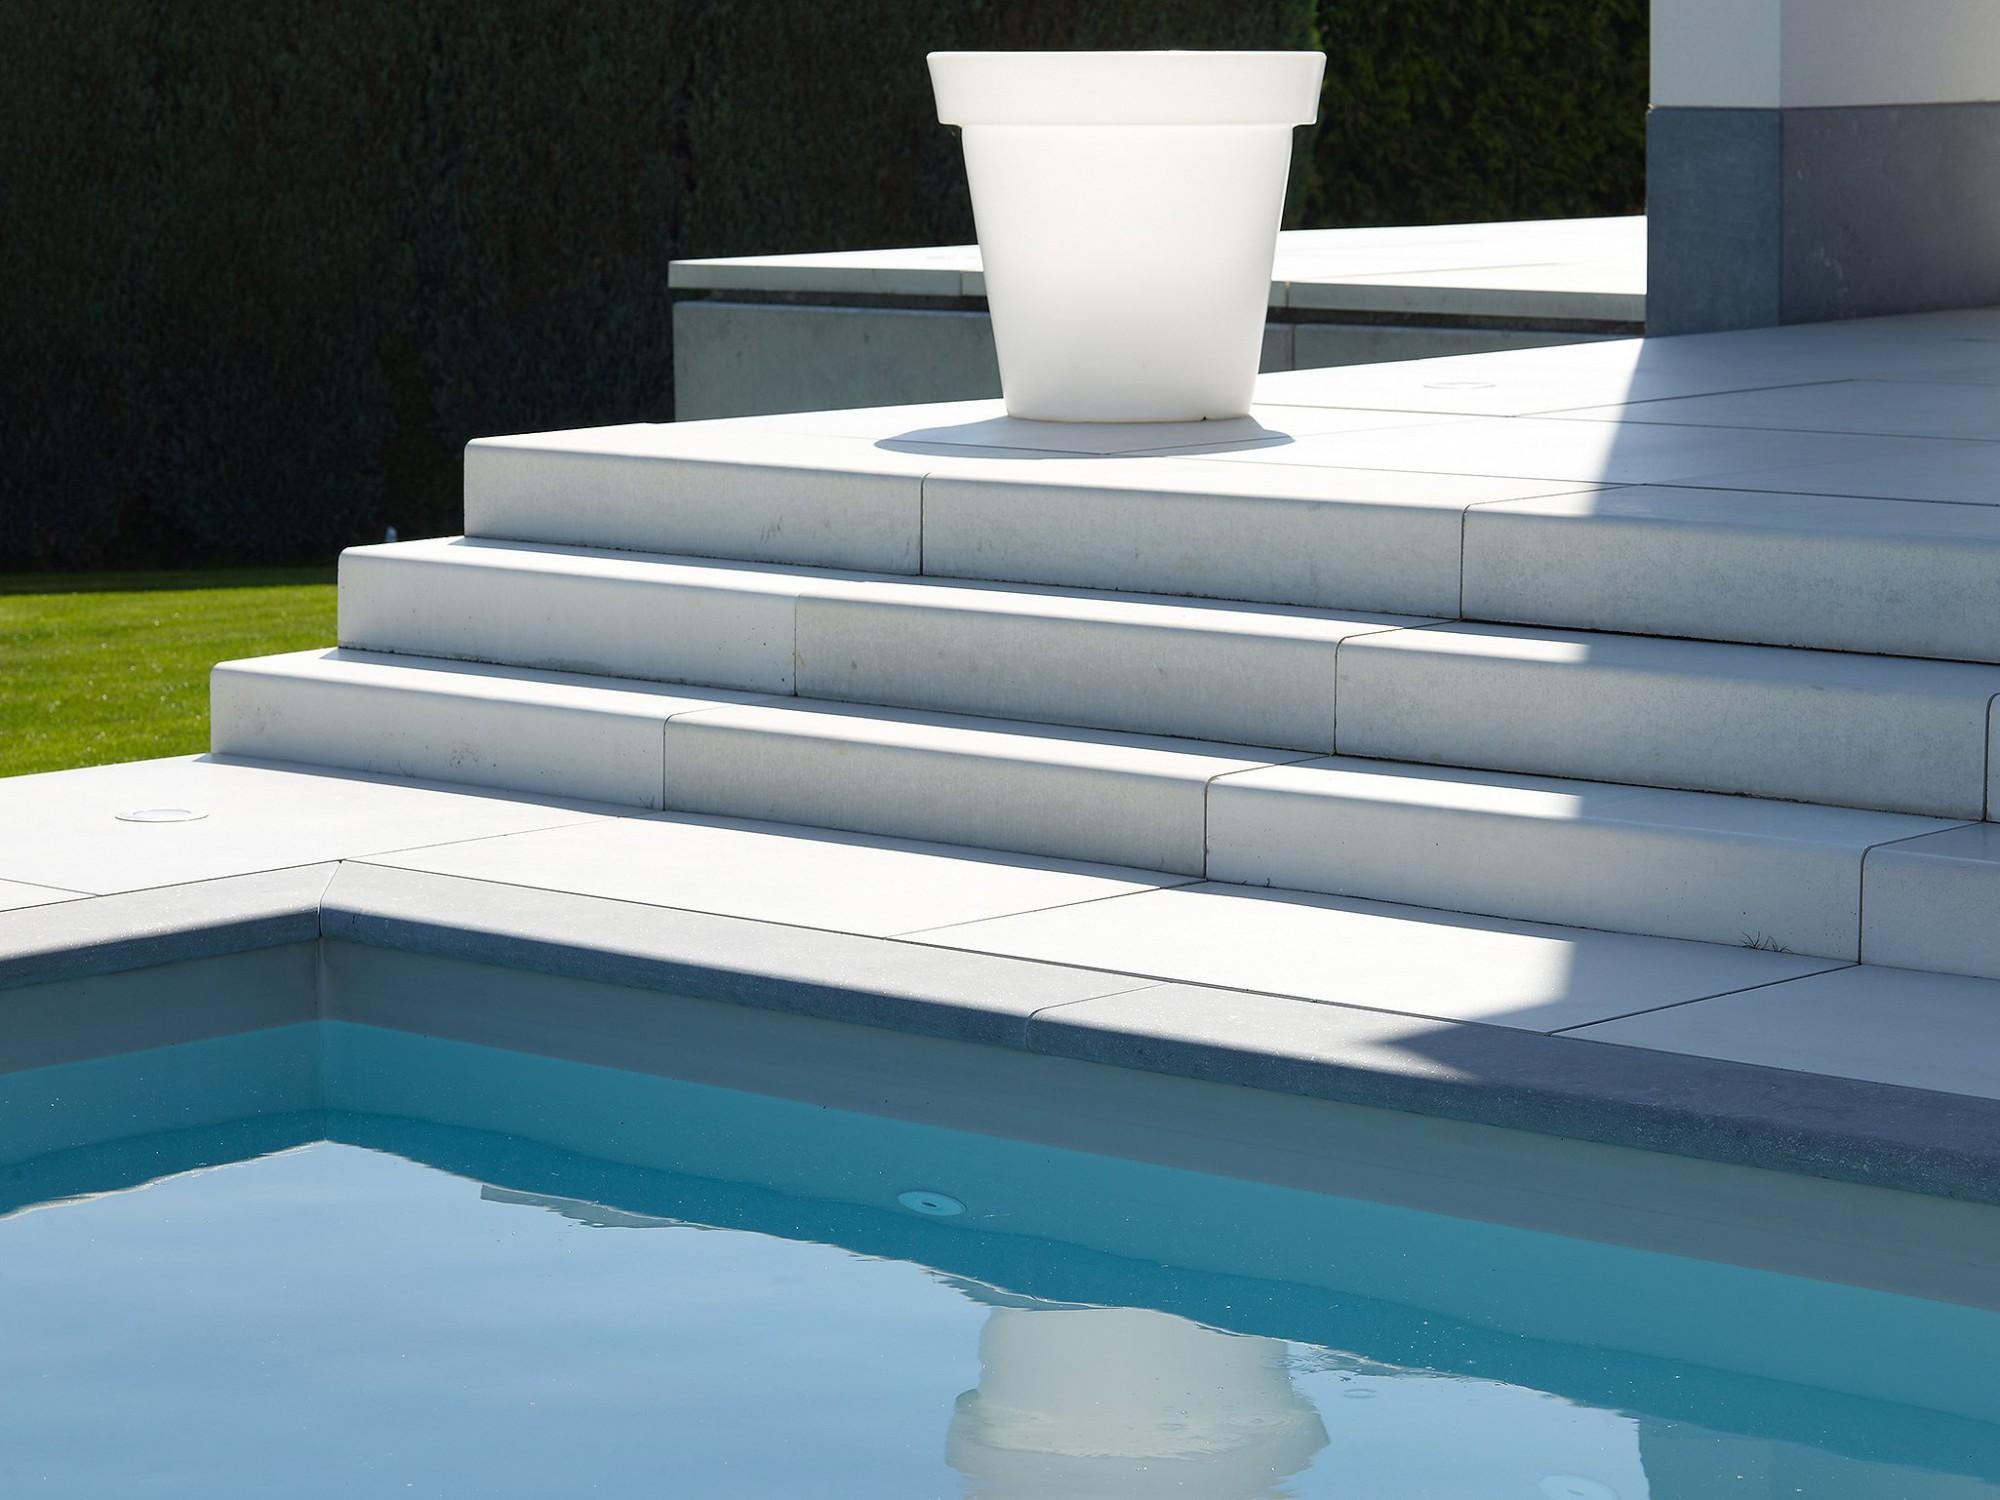 Afbeelding: Fotografie van zwembaden en betonproducten als tegels en traptreden.